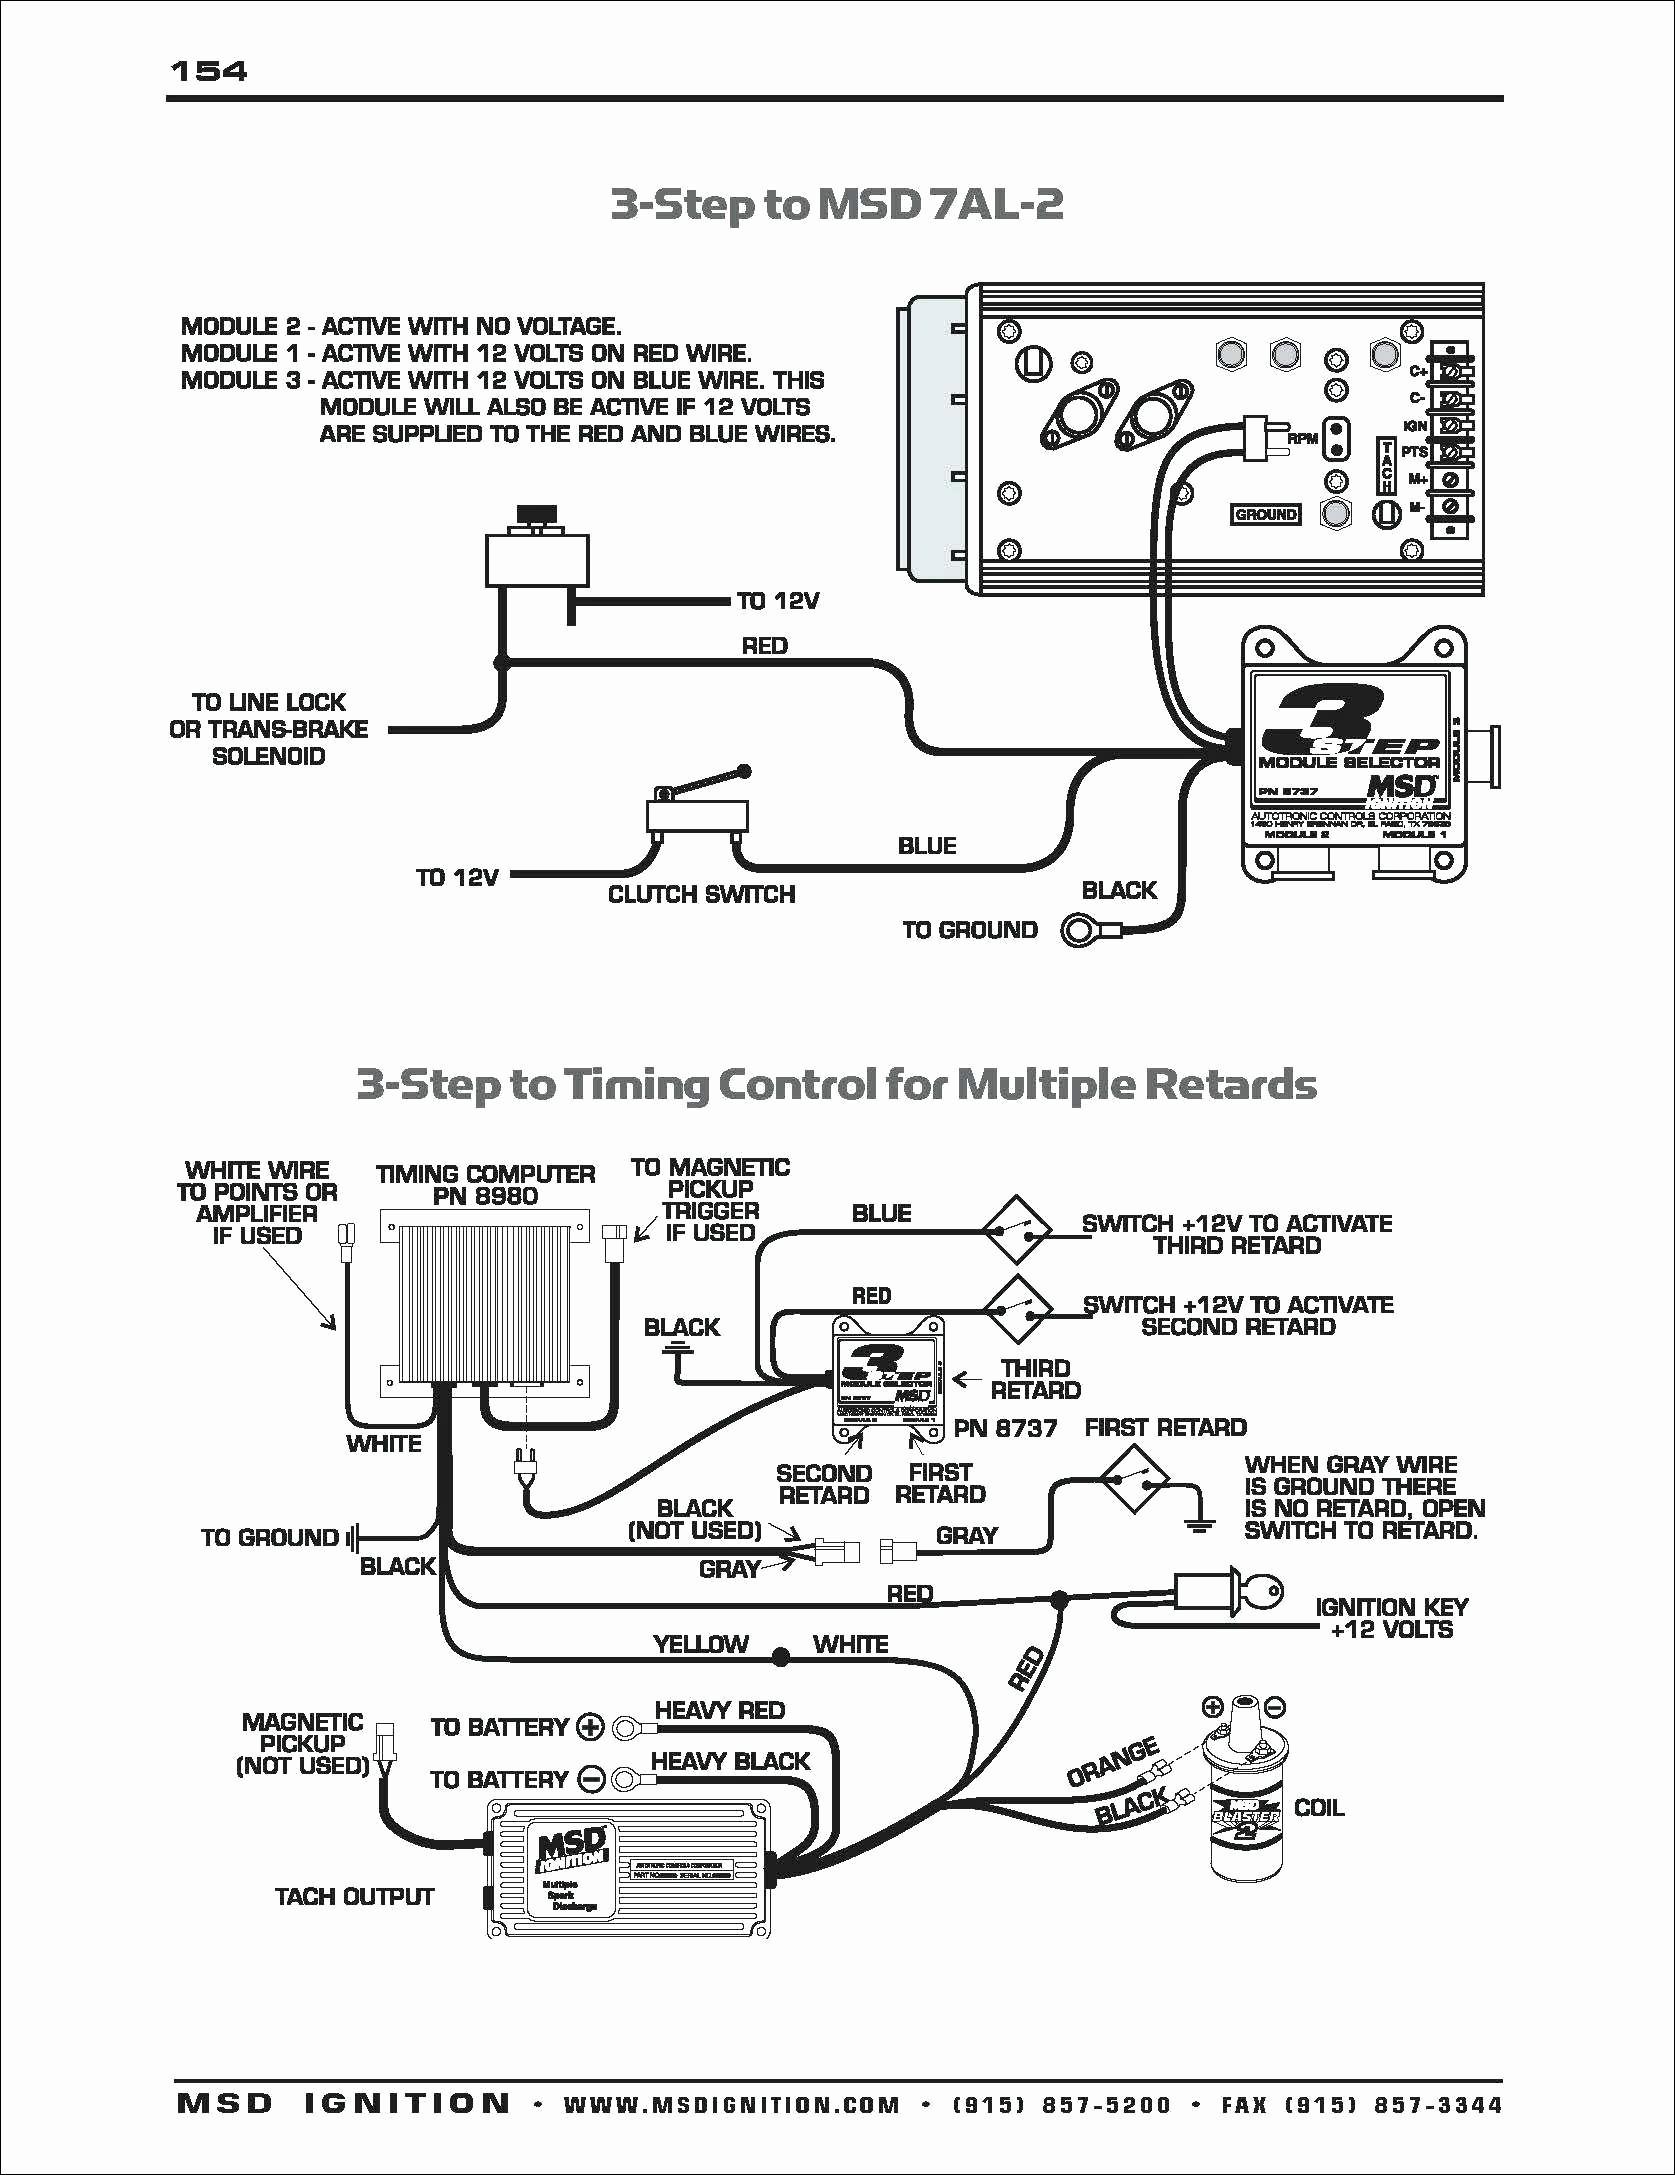 Wiring Diagram Chrysler Starter Relay Wiring Diagram Chrysler Starter Relay Wiring